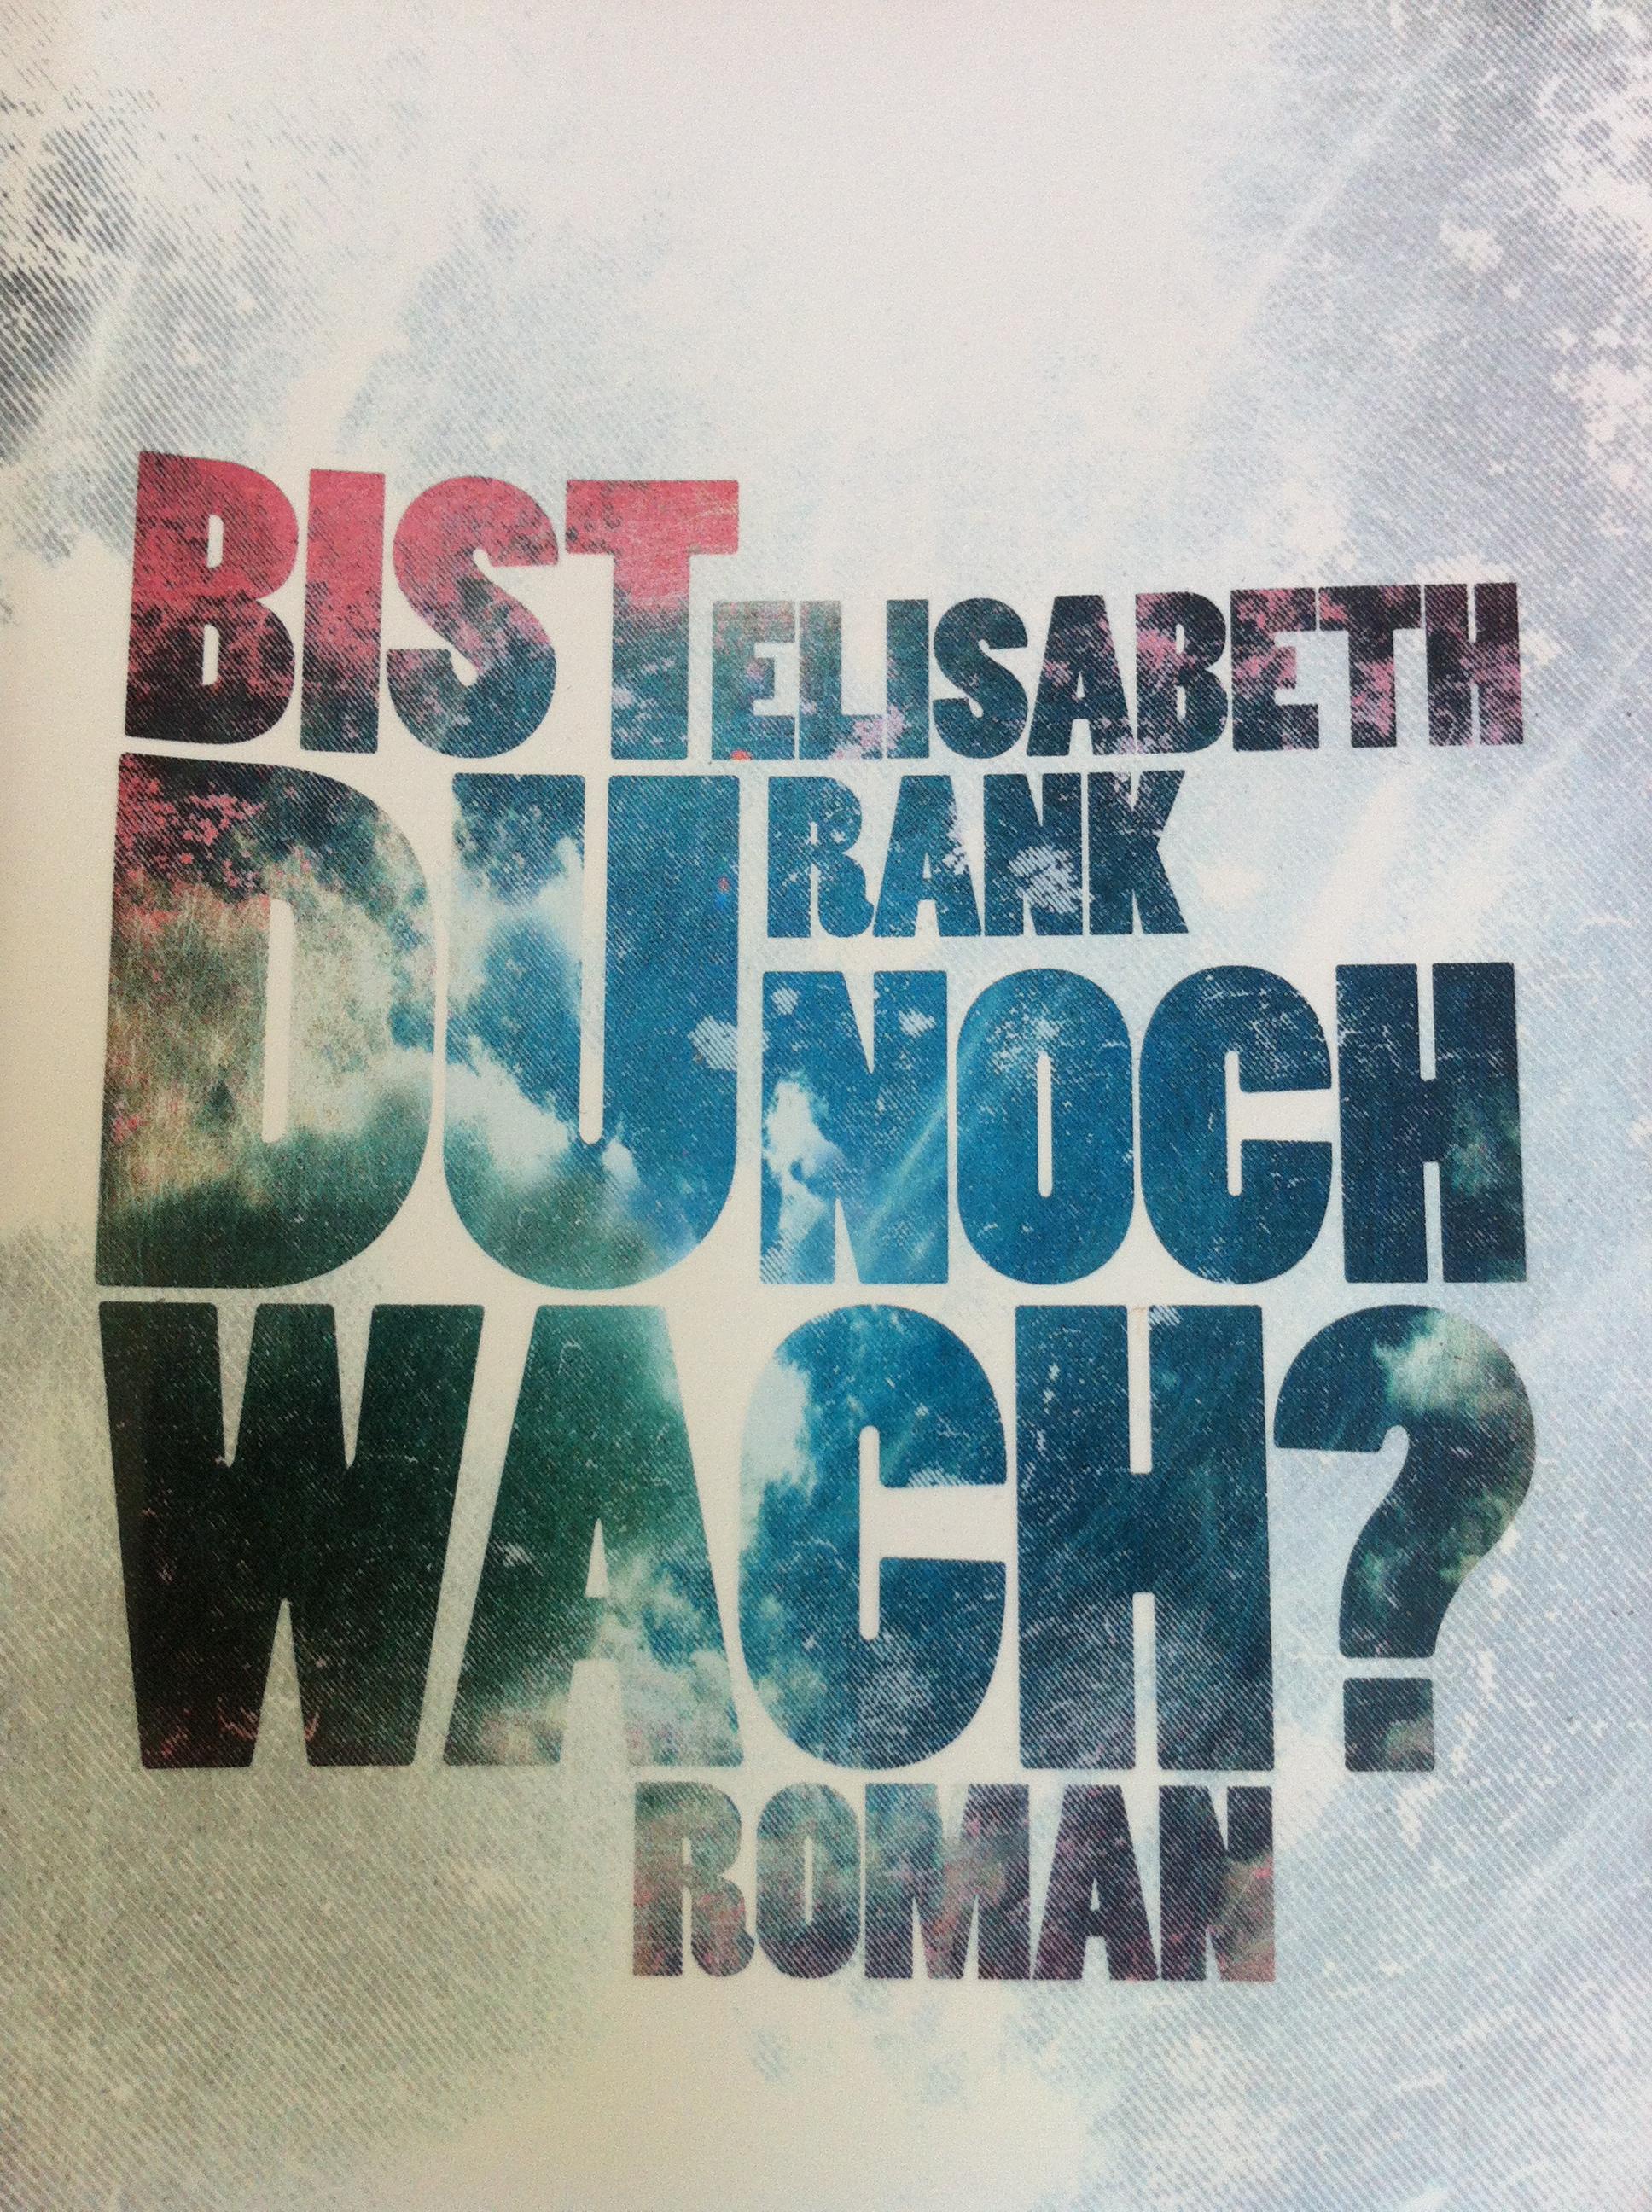 Buchpremiere Elisabeth Rank »Bist du noch wach?«